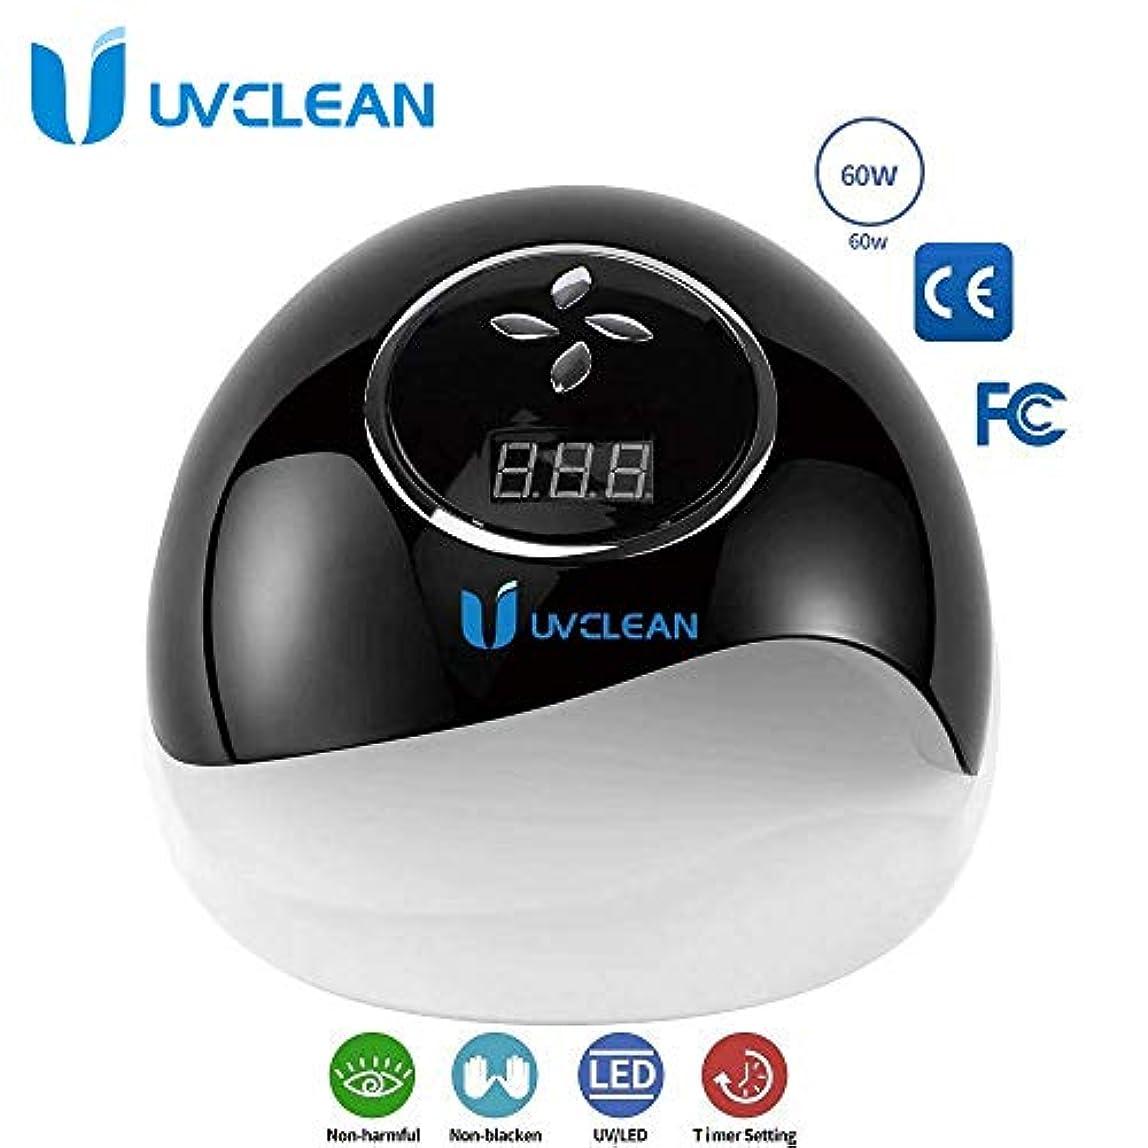 ほかに着飾るこするセンサーとタイマー機能を有する60Wのuv ledネイルランプ、ネイル乾燥器、ネイル硬化用ライト 、ネイルサロンランプ (ブラック)